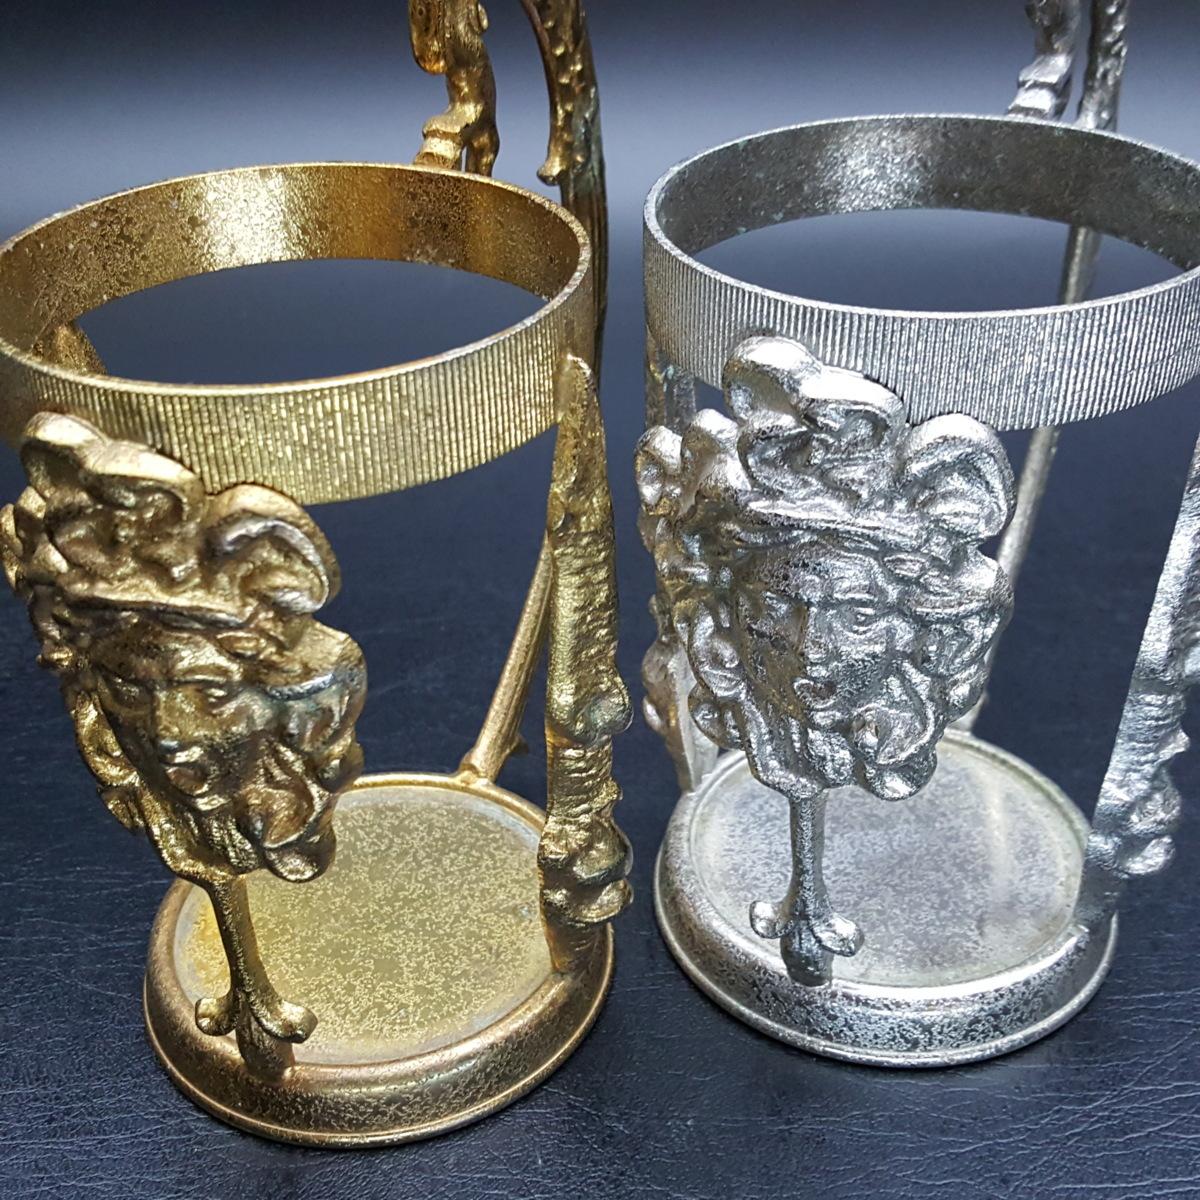 【宝蔵】アンティーク メデューサ メドゥーサ 金銀一対 蓋付グラス 一組 カップ コップ_画像8